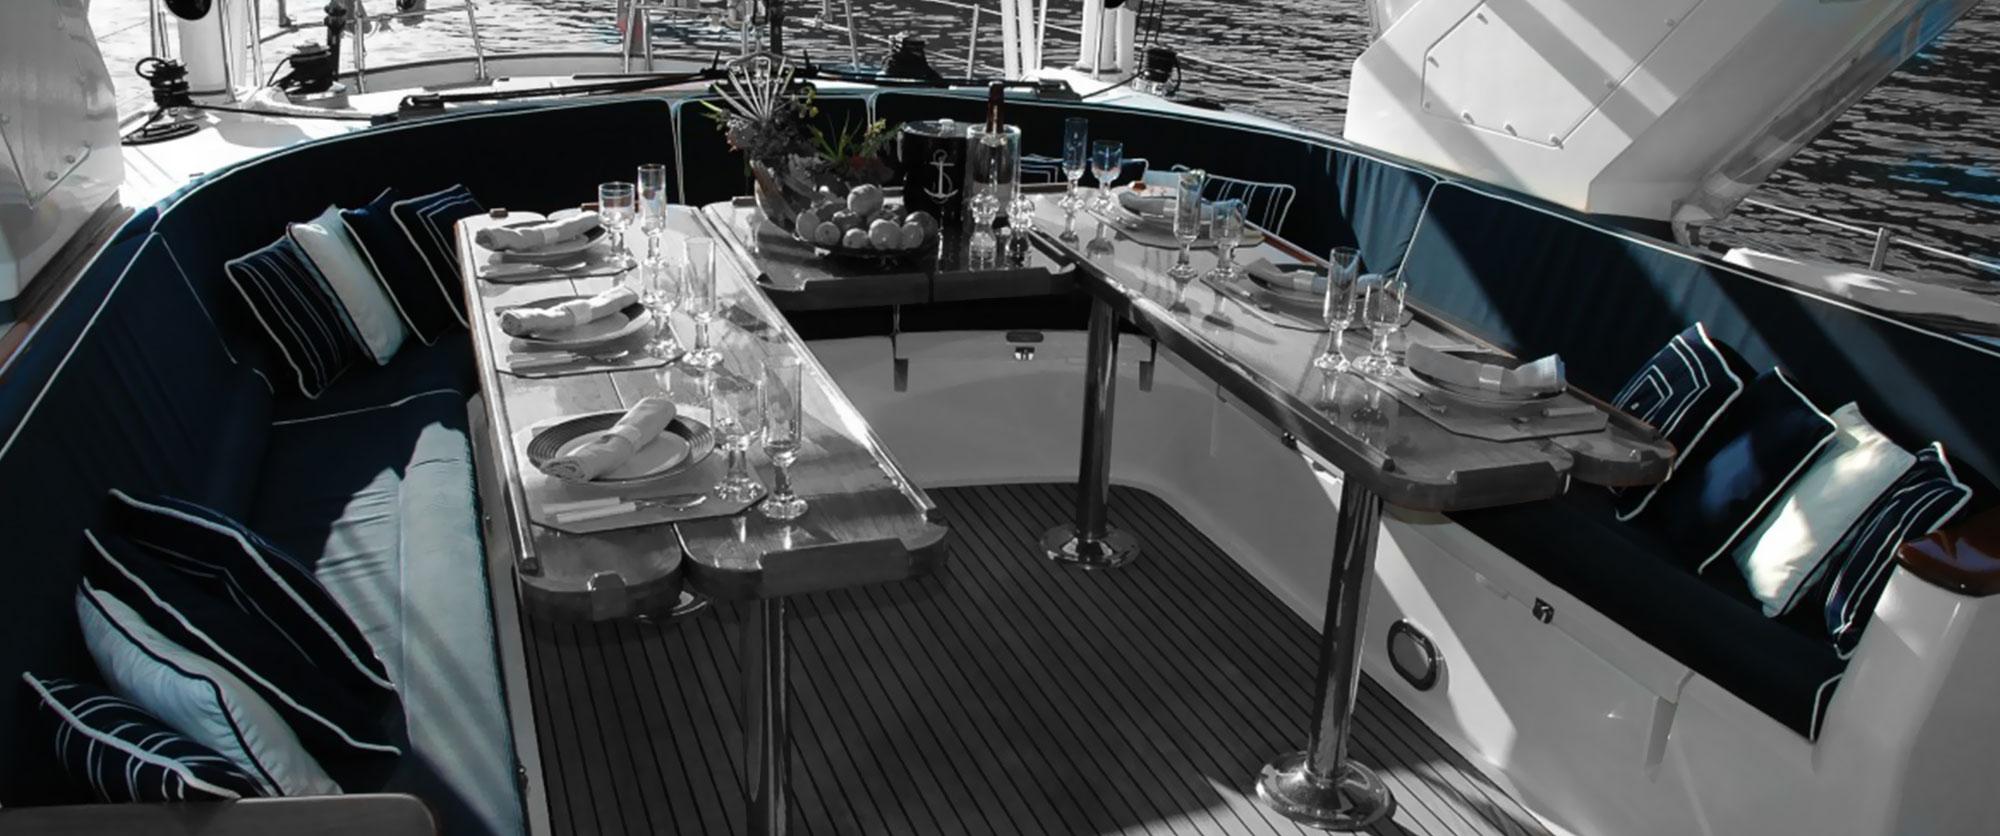 Rifacimento cuscineria barche Mantova